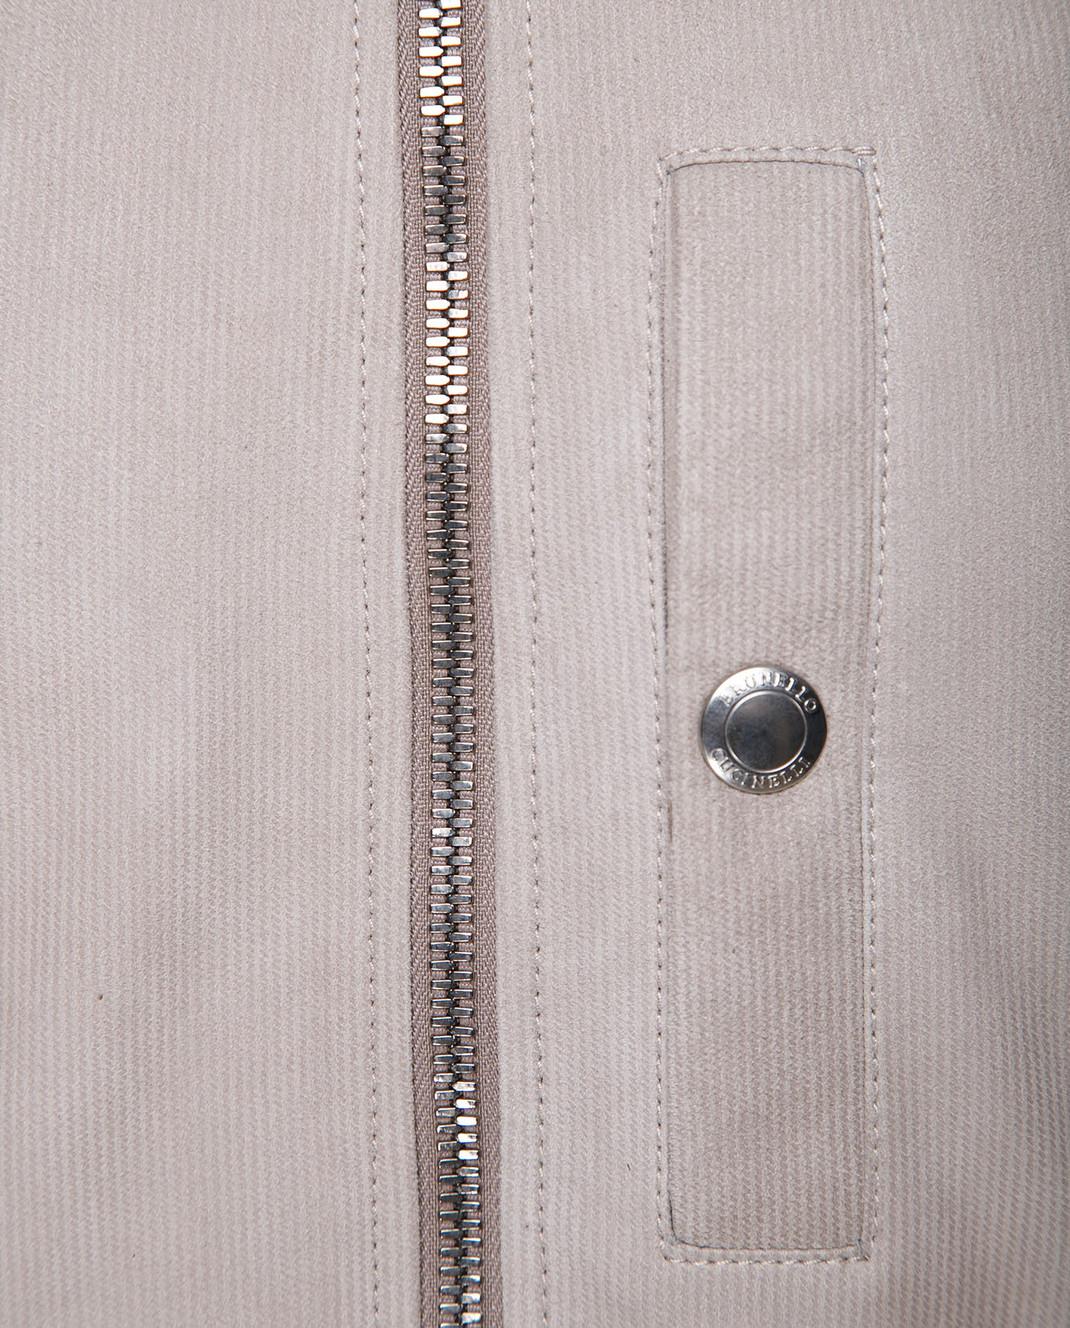 Brunello Cucinelli Бежевый замшевый жилет MPCHS1244 изображение 5